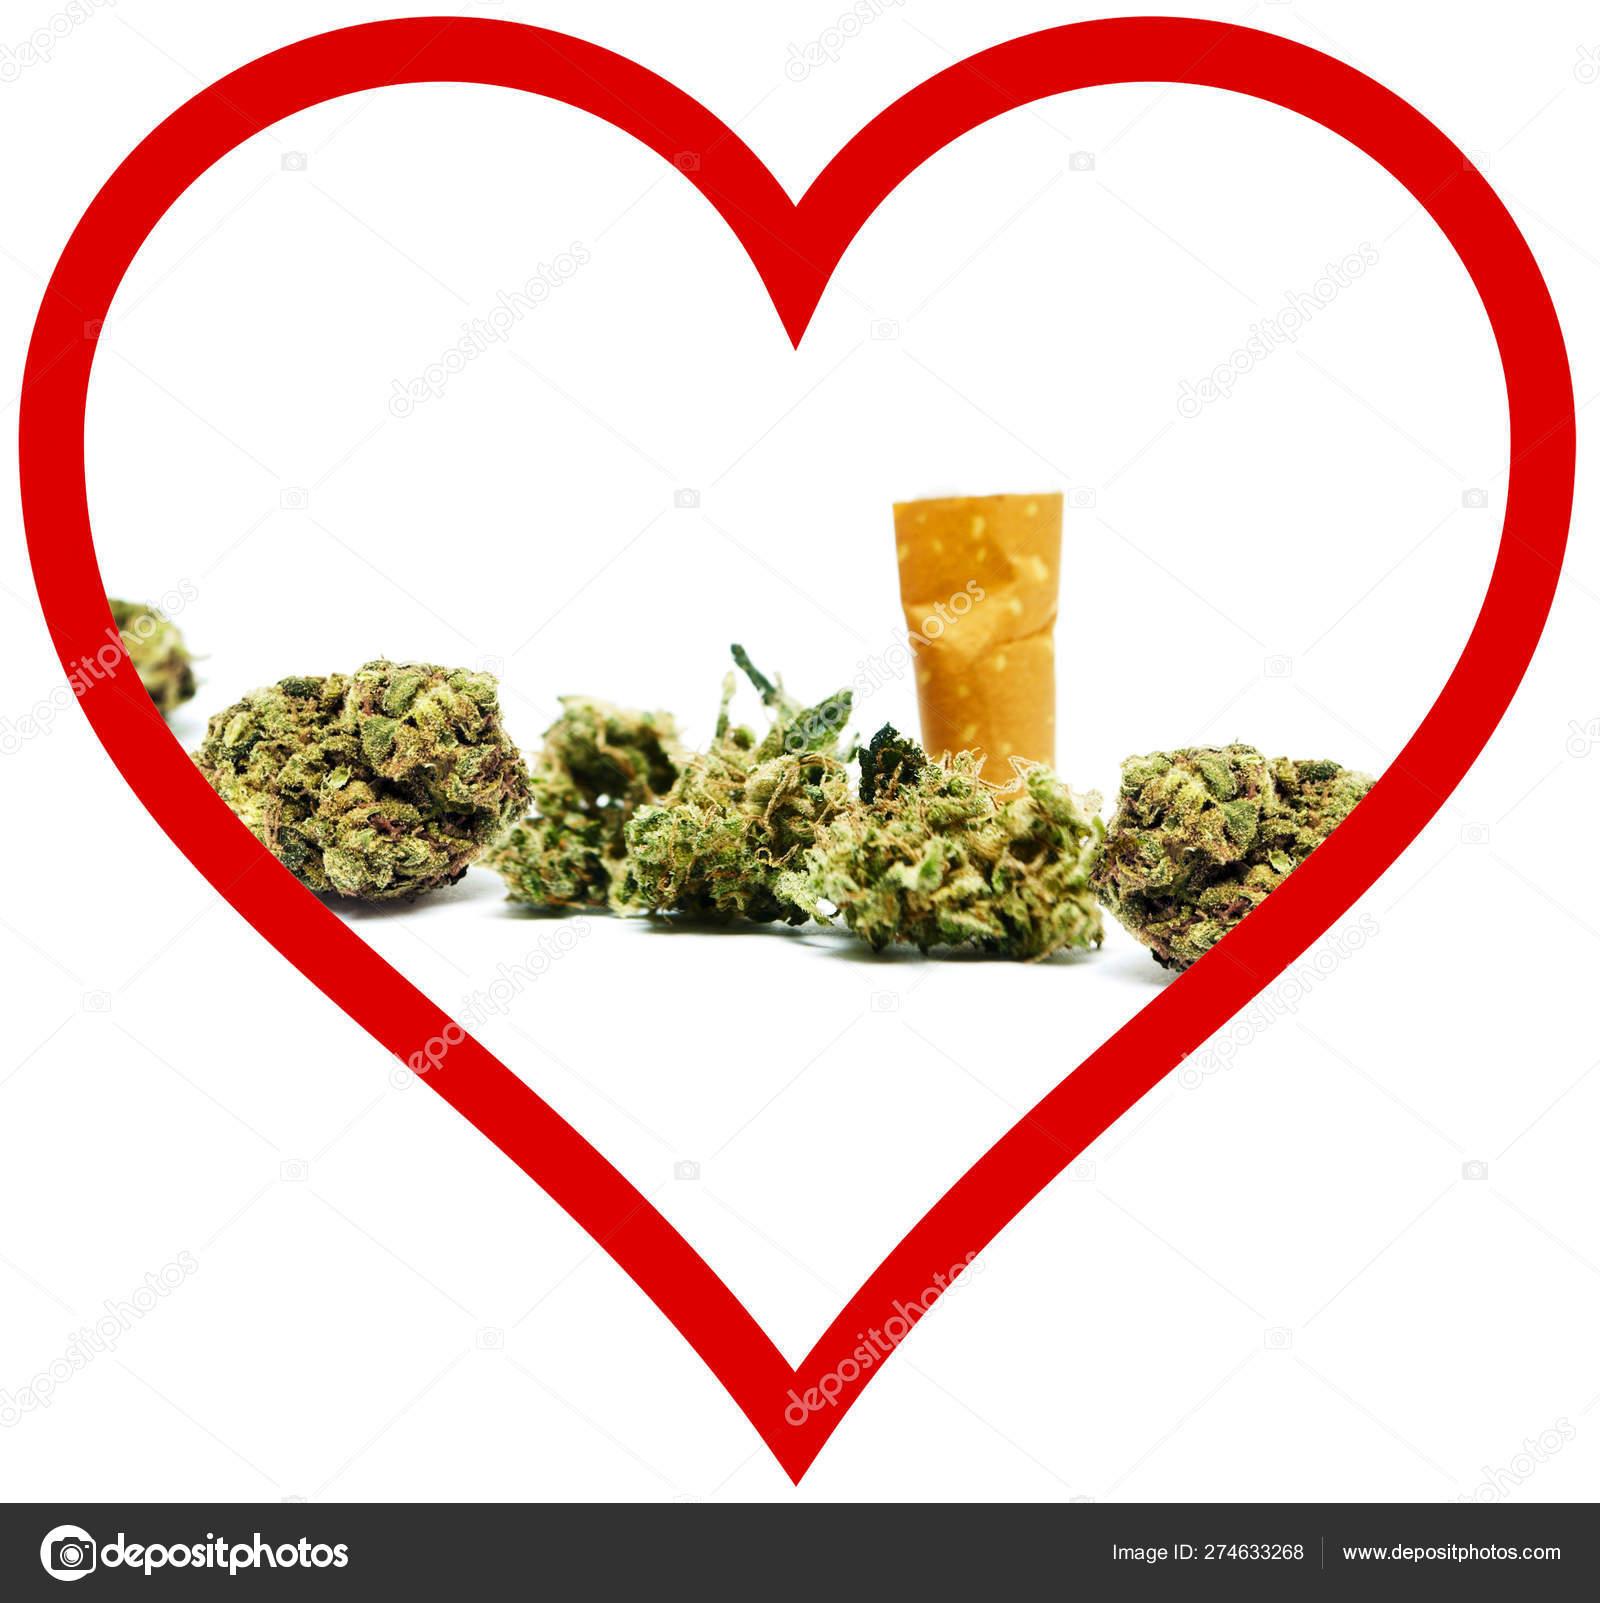 Сердце и марихуана признаки наркотического опьянения коноплей